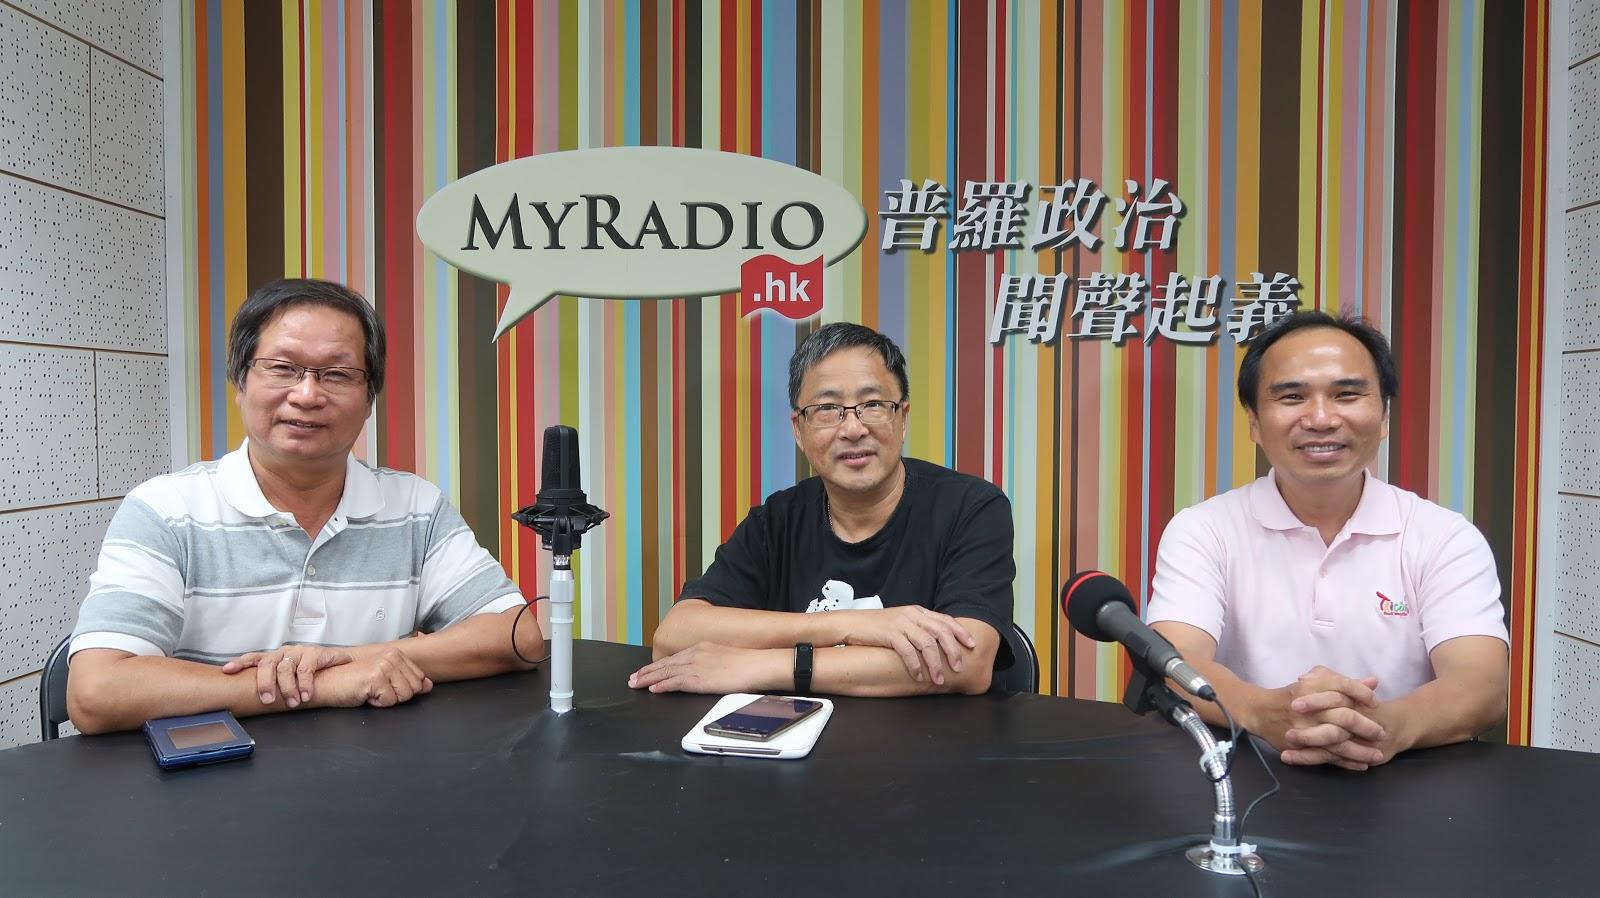 MyRadio.HK 臺務網誌: 天天天藍 170710 ep220